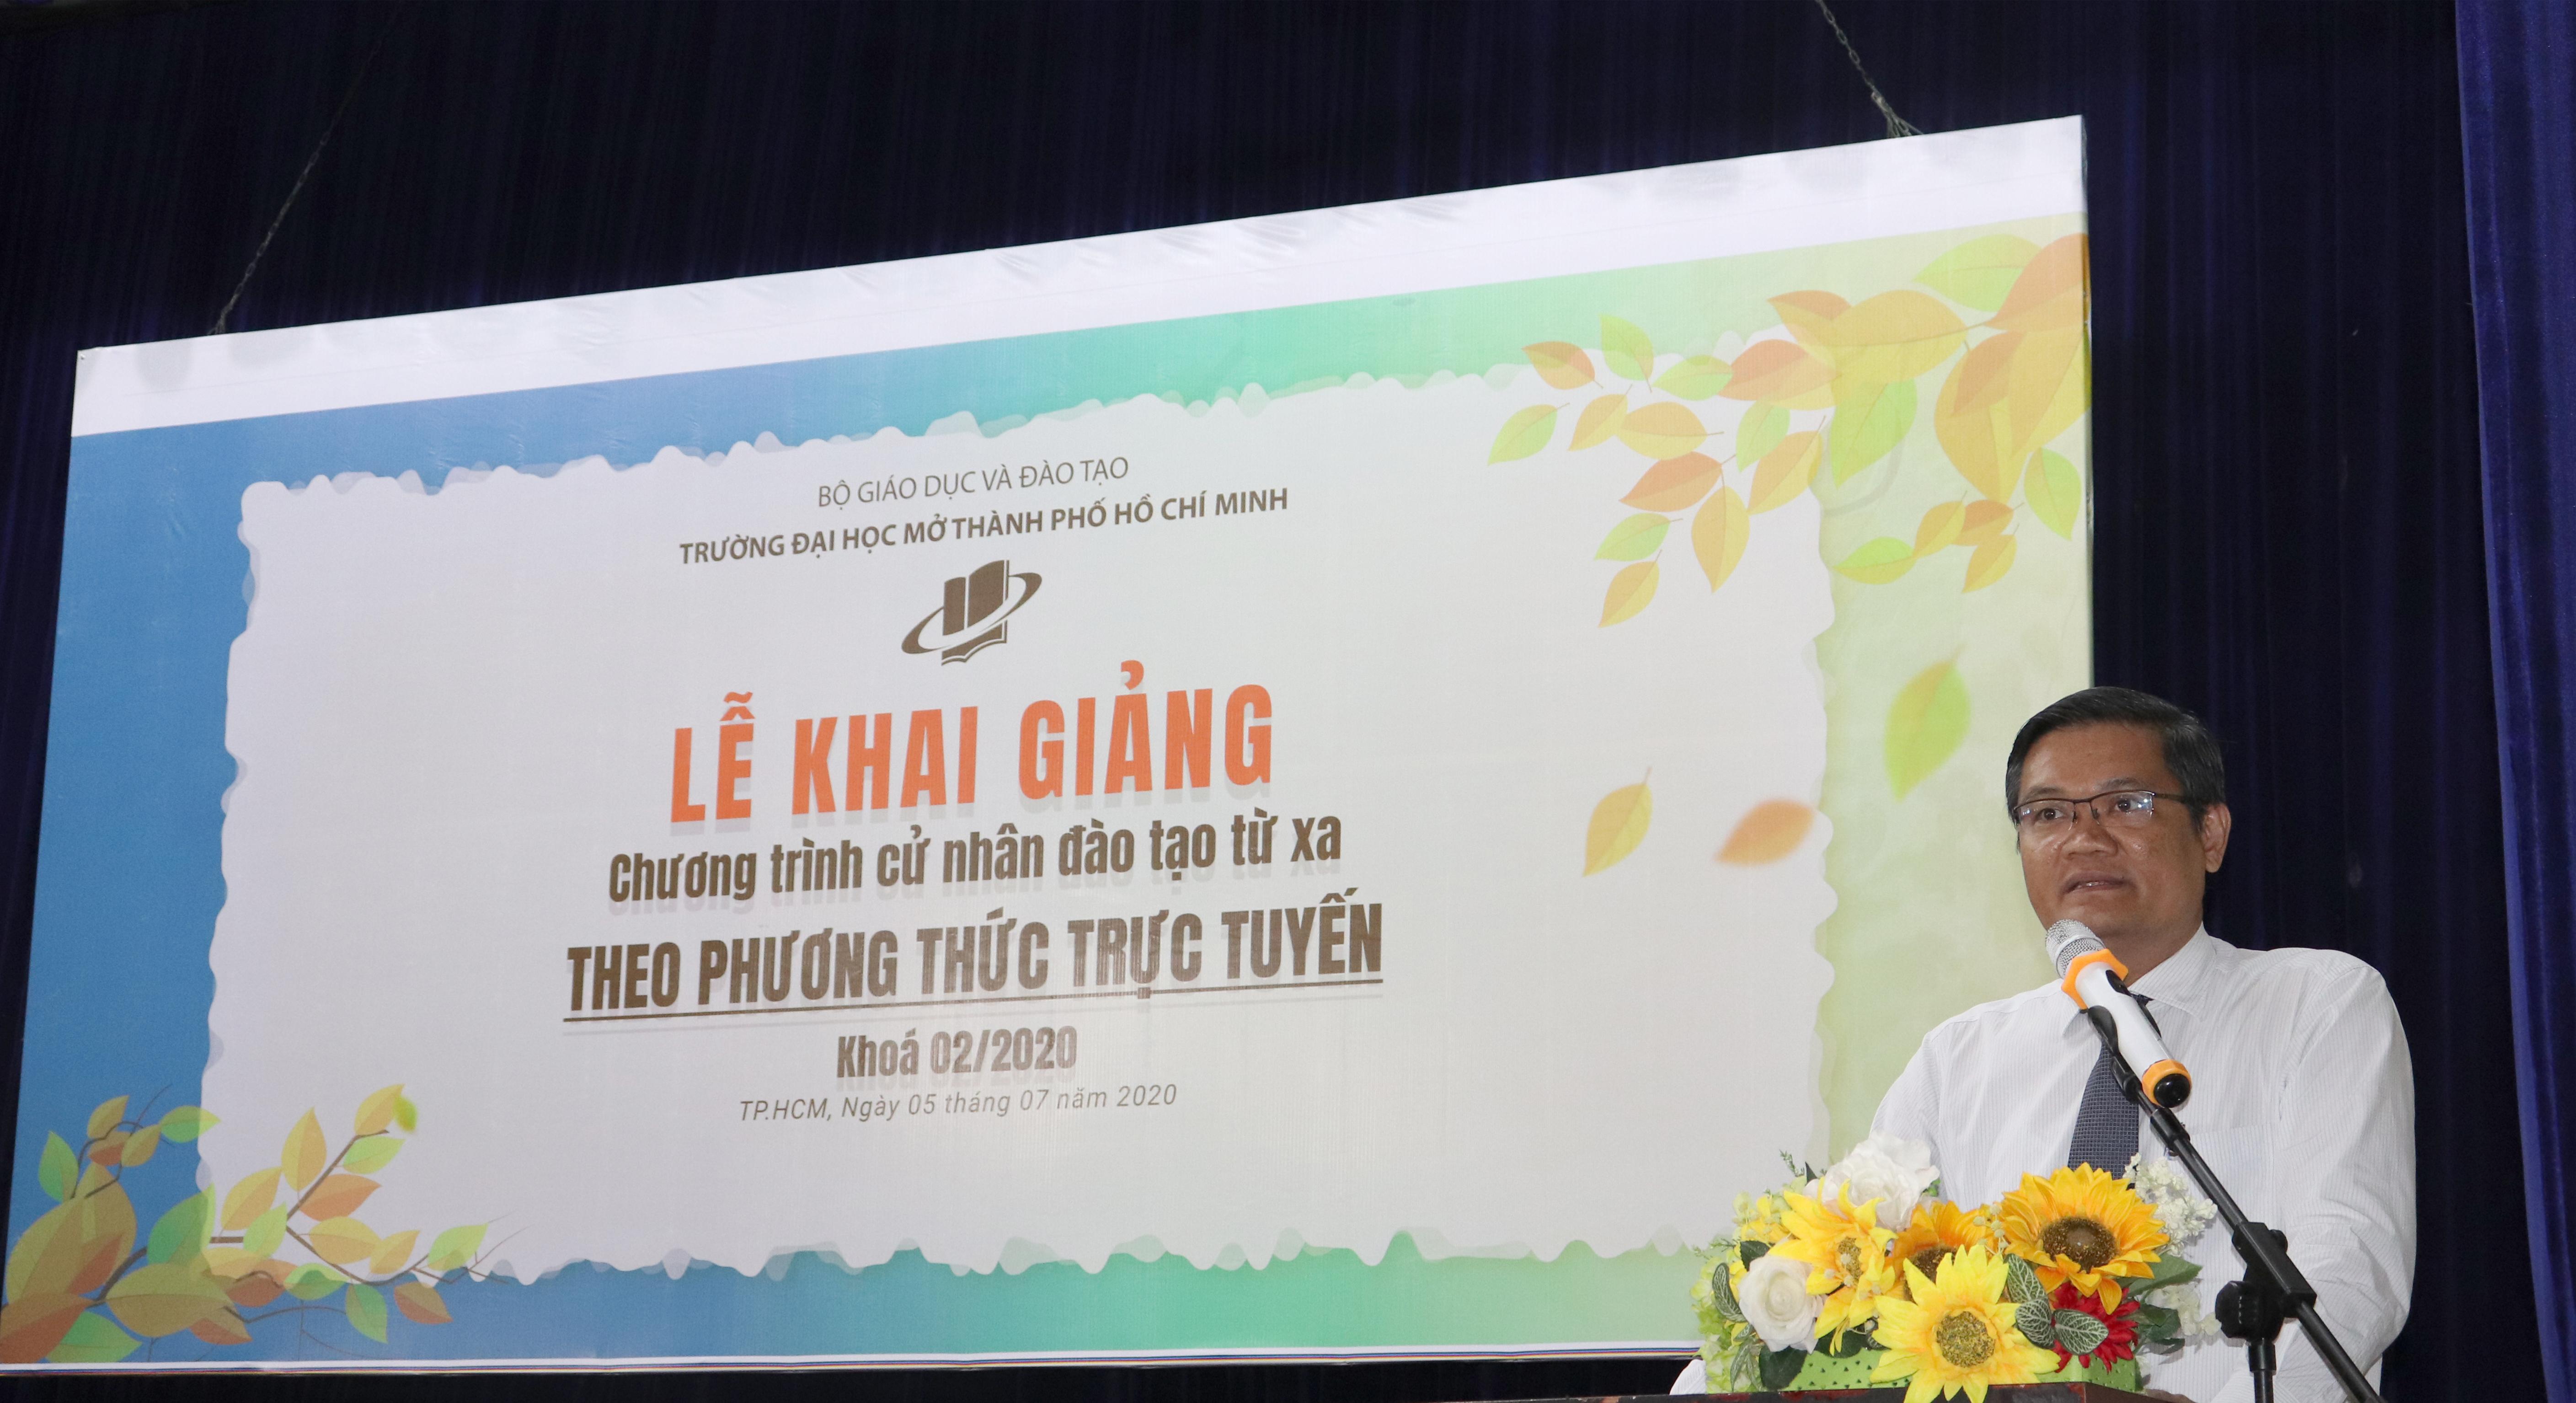 PGS.TS Nguyễn Minh Hà phát biểu khai mạc buổi lễ